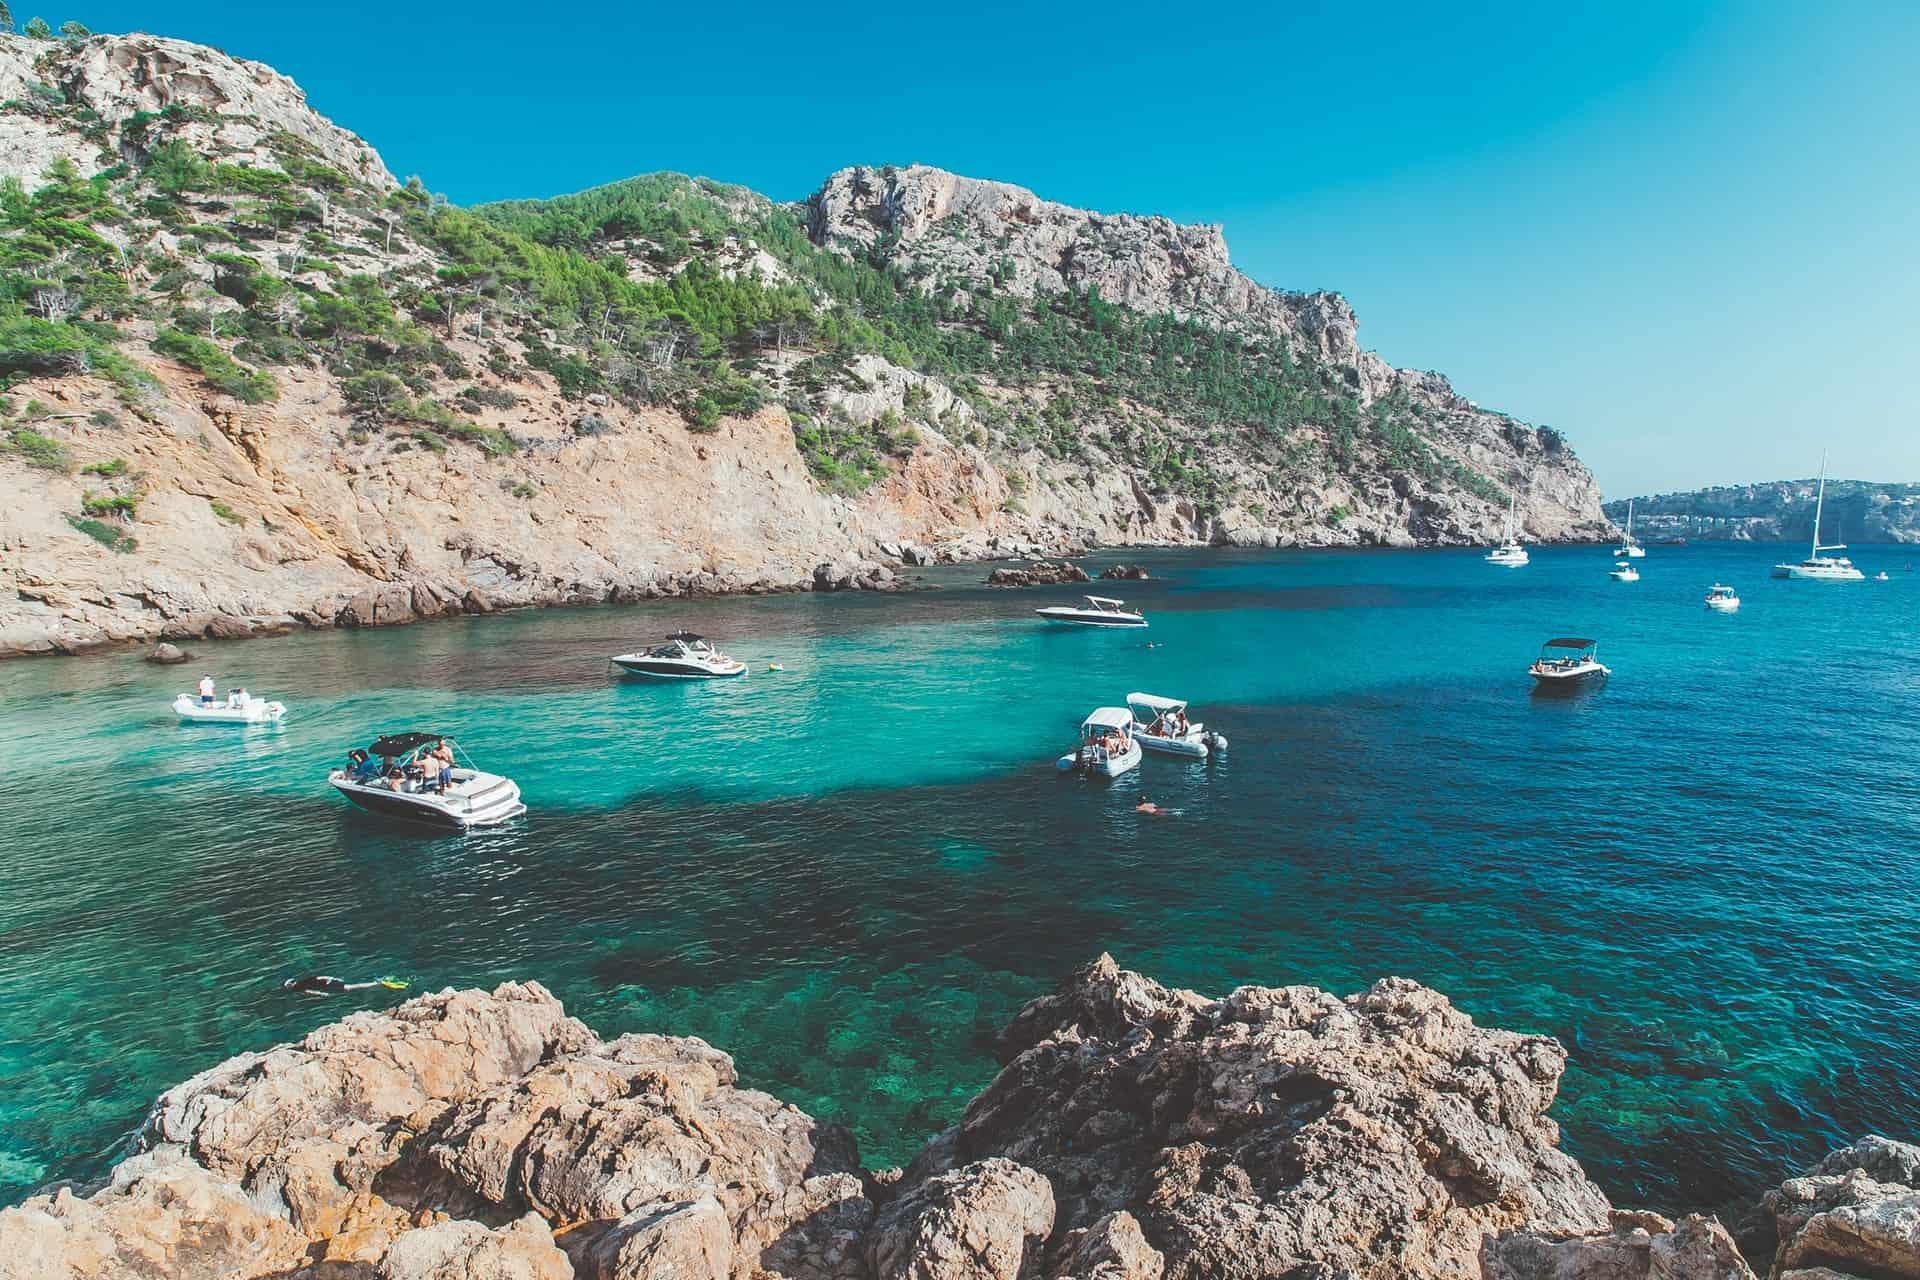 Wakacje na Majorce – jak się przygotować do wyjazdu?